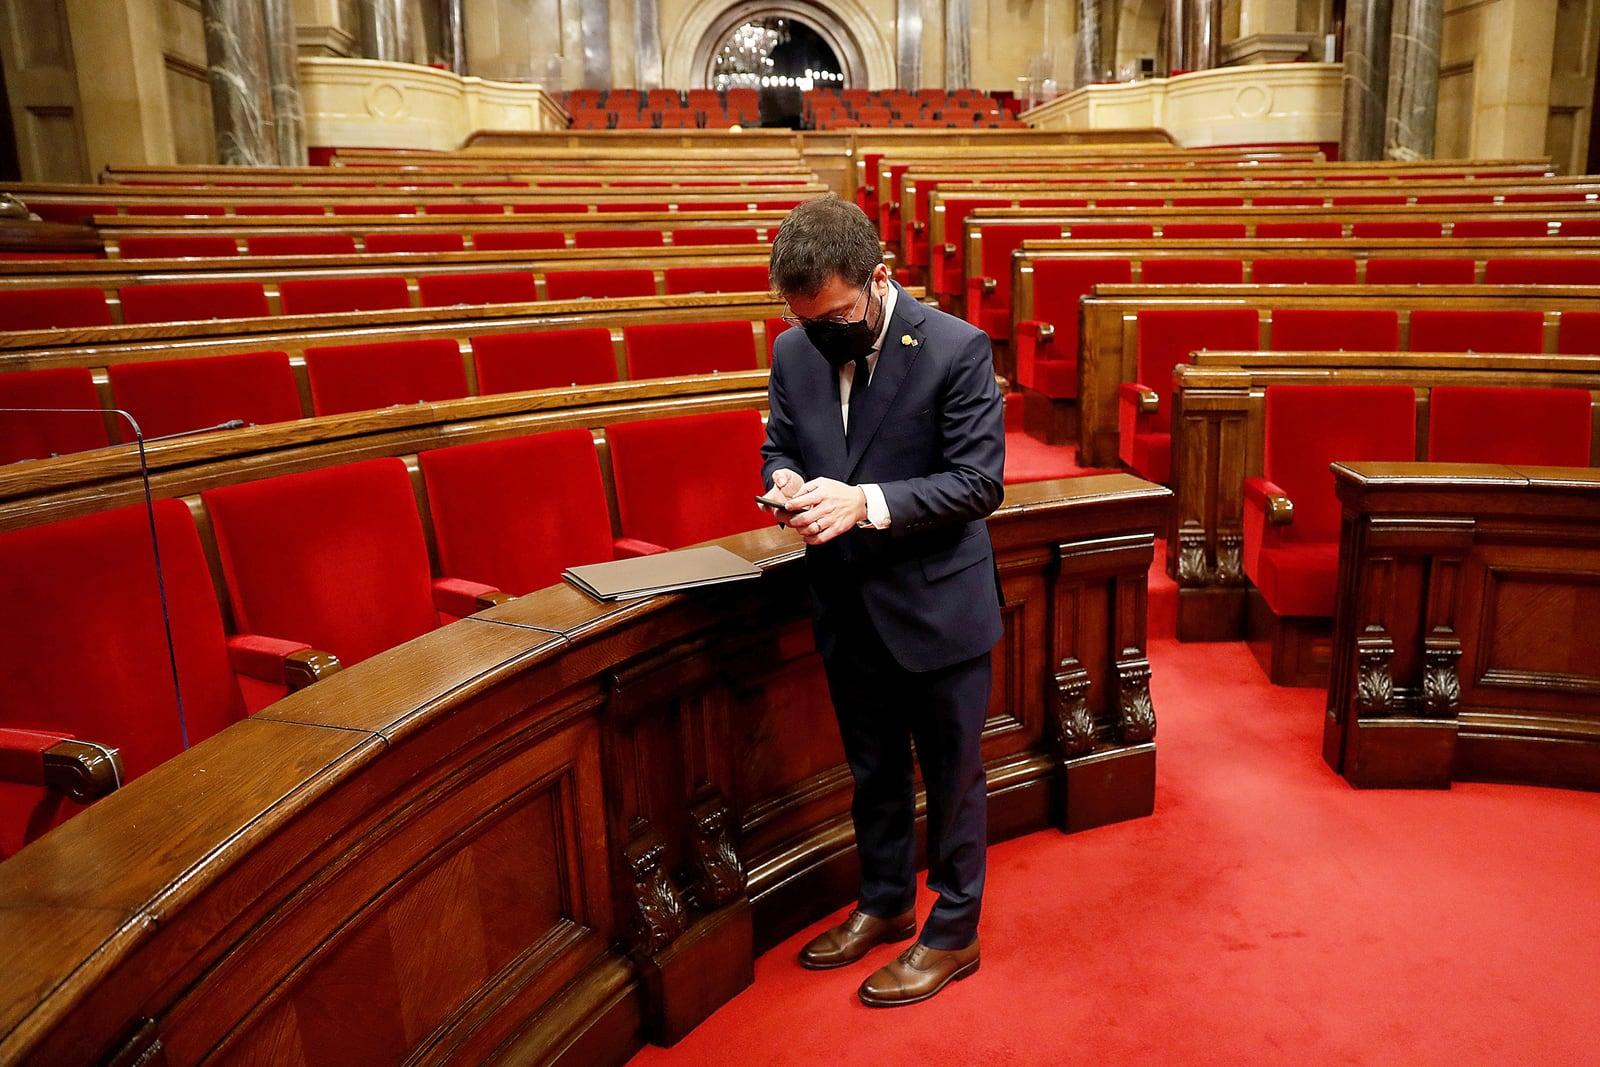 El president de la Generalitat, Pere Aragonès, després de ser elegit, el 25 de maig. Fotografia d'Alberto Estévez. Efe.